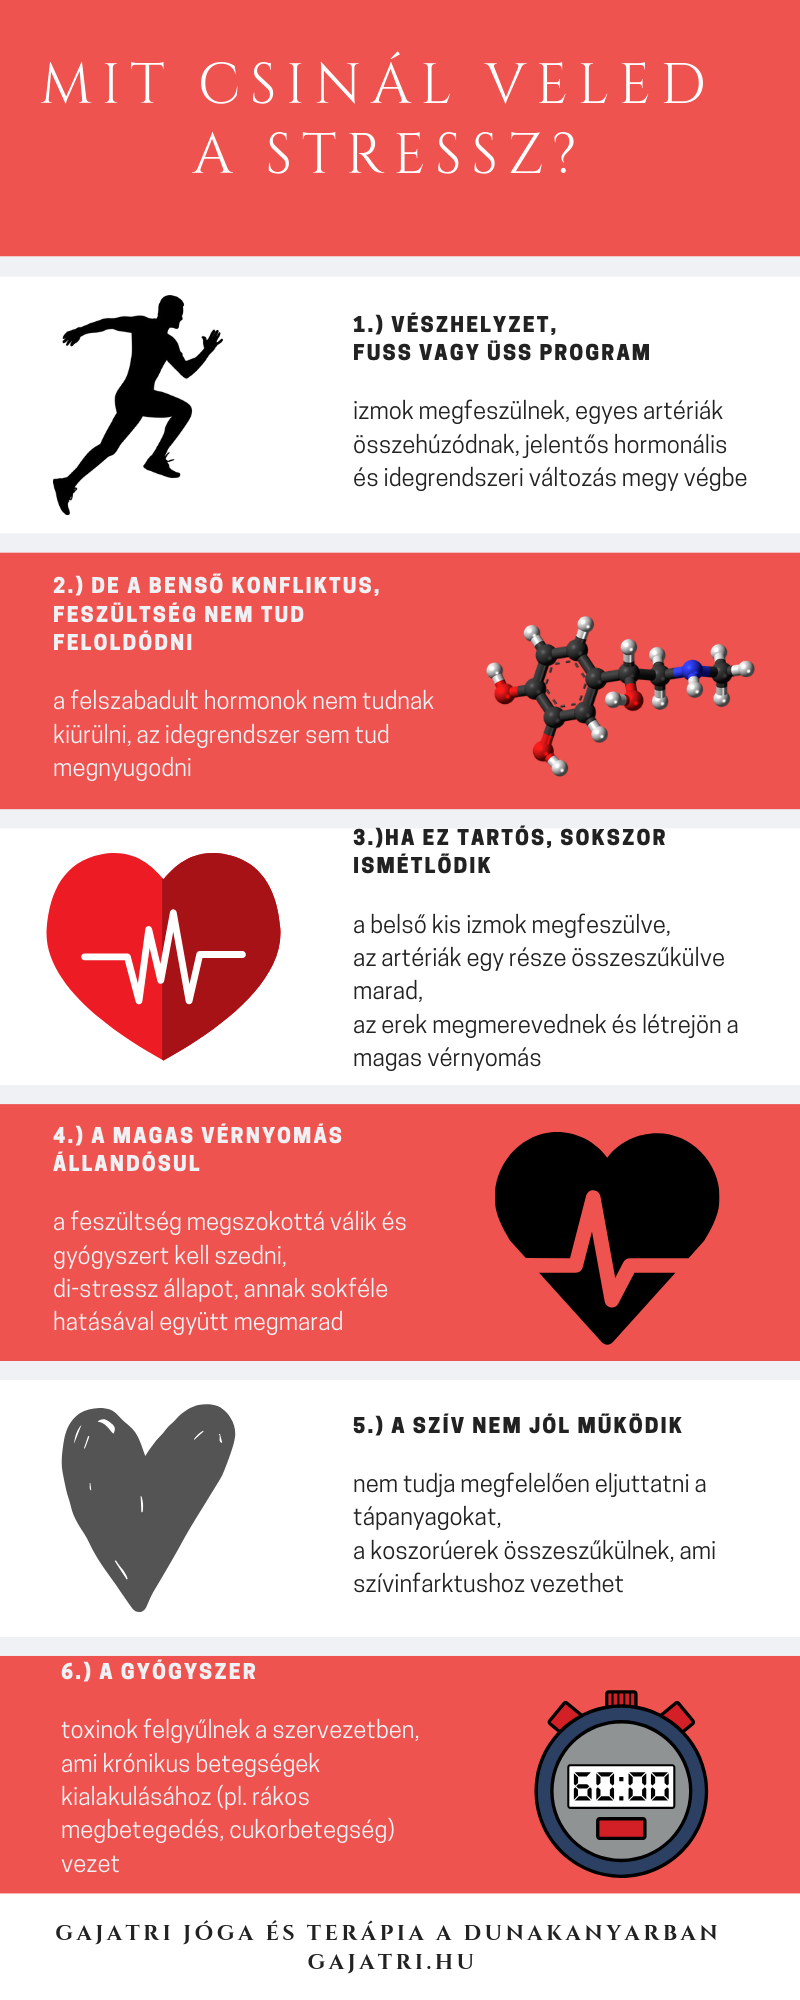 kaszálni a magas vérnyomás 2020-ban